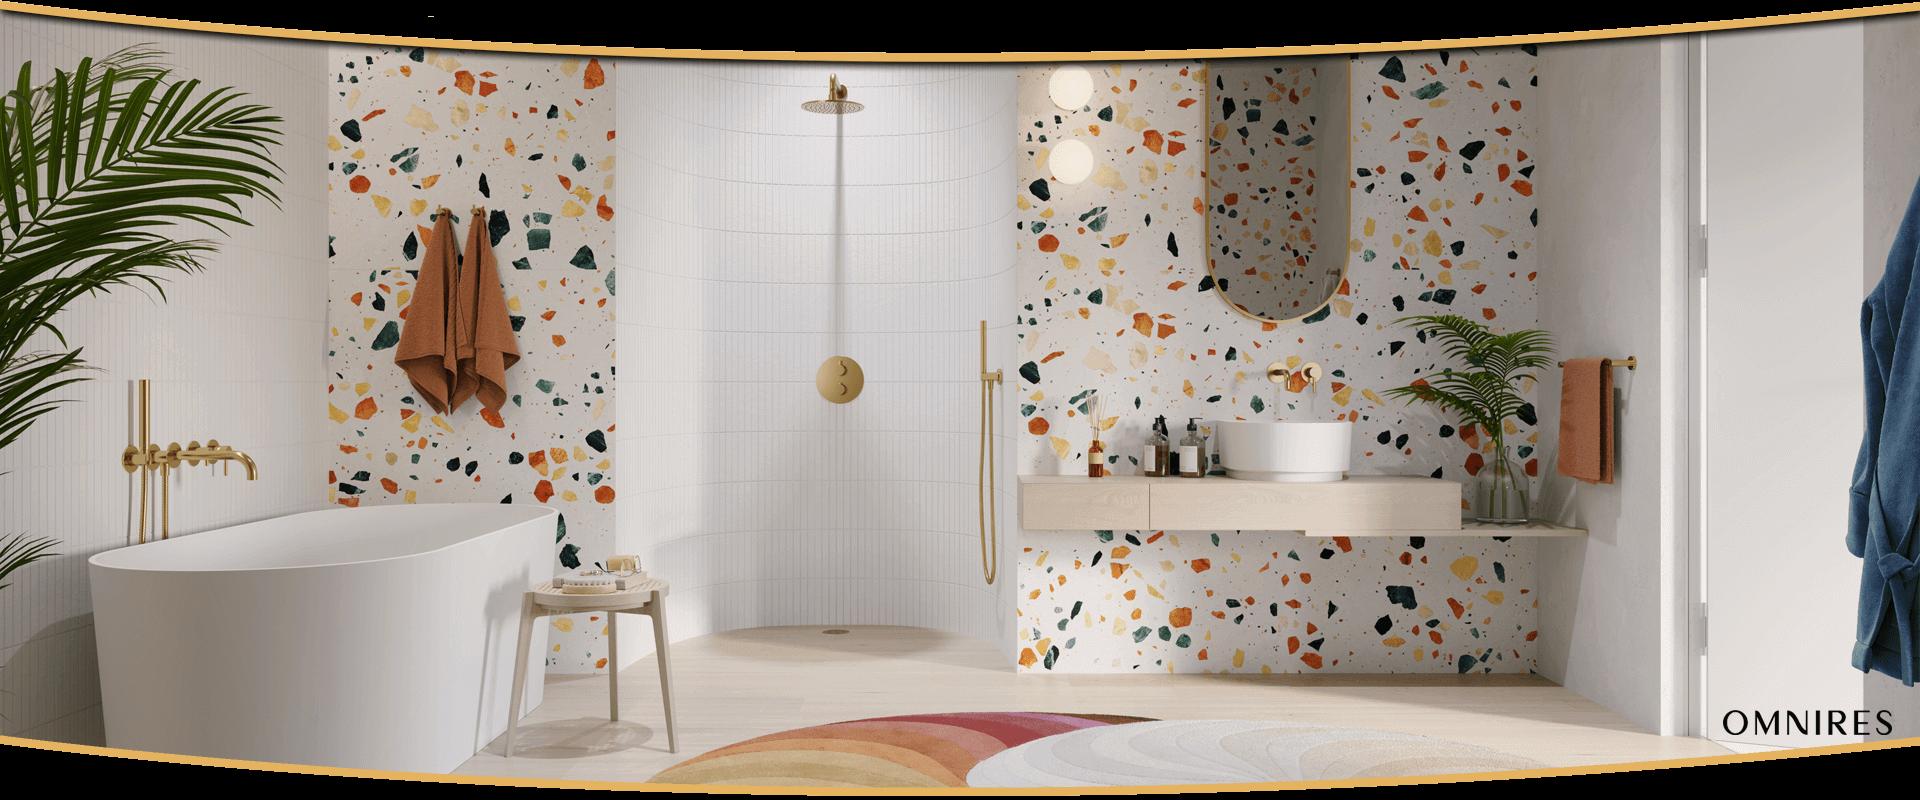 Aranżacja łazienki Omnires